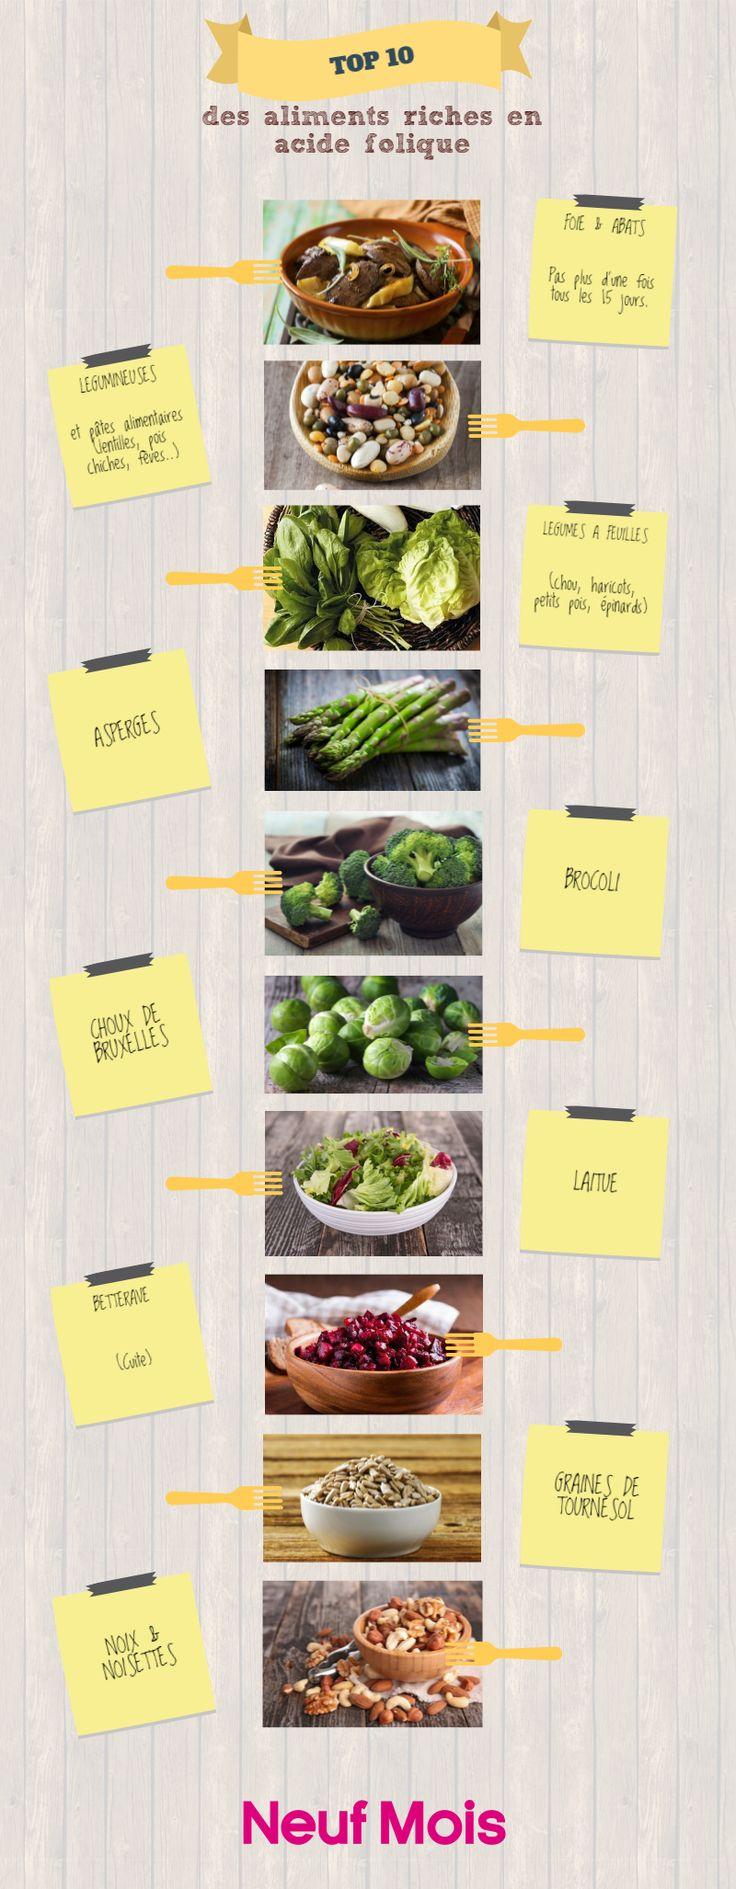 Le parfait Top 10 des aliments riches en acide folique